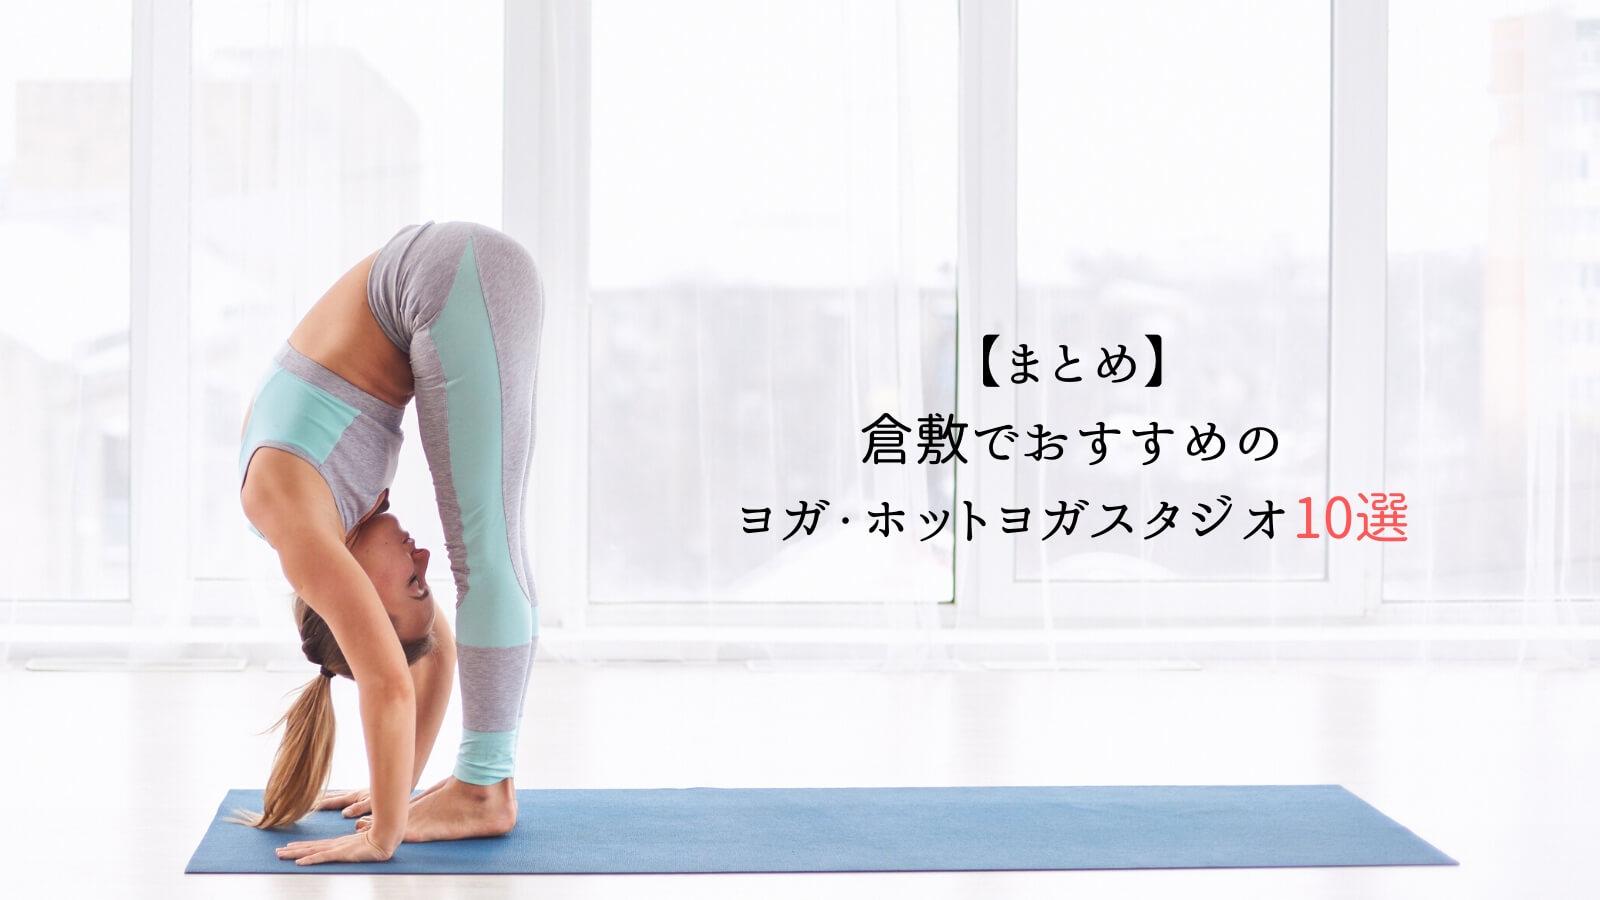 【まとめ】倉敷でおすすめのヨガ・ホットヨガスタジオ10選